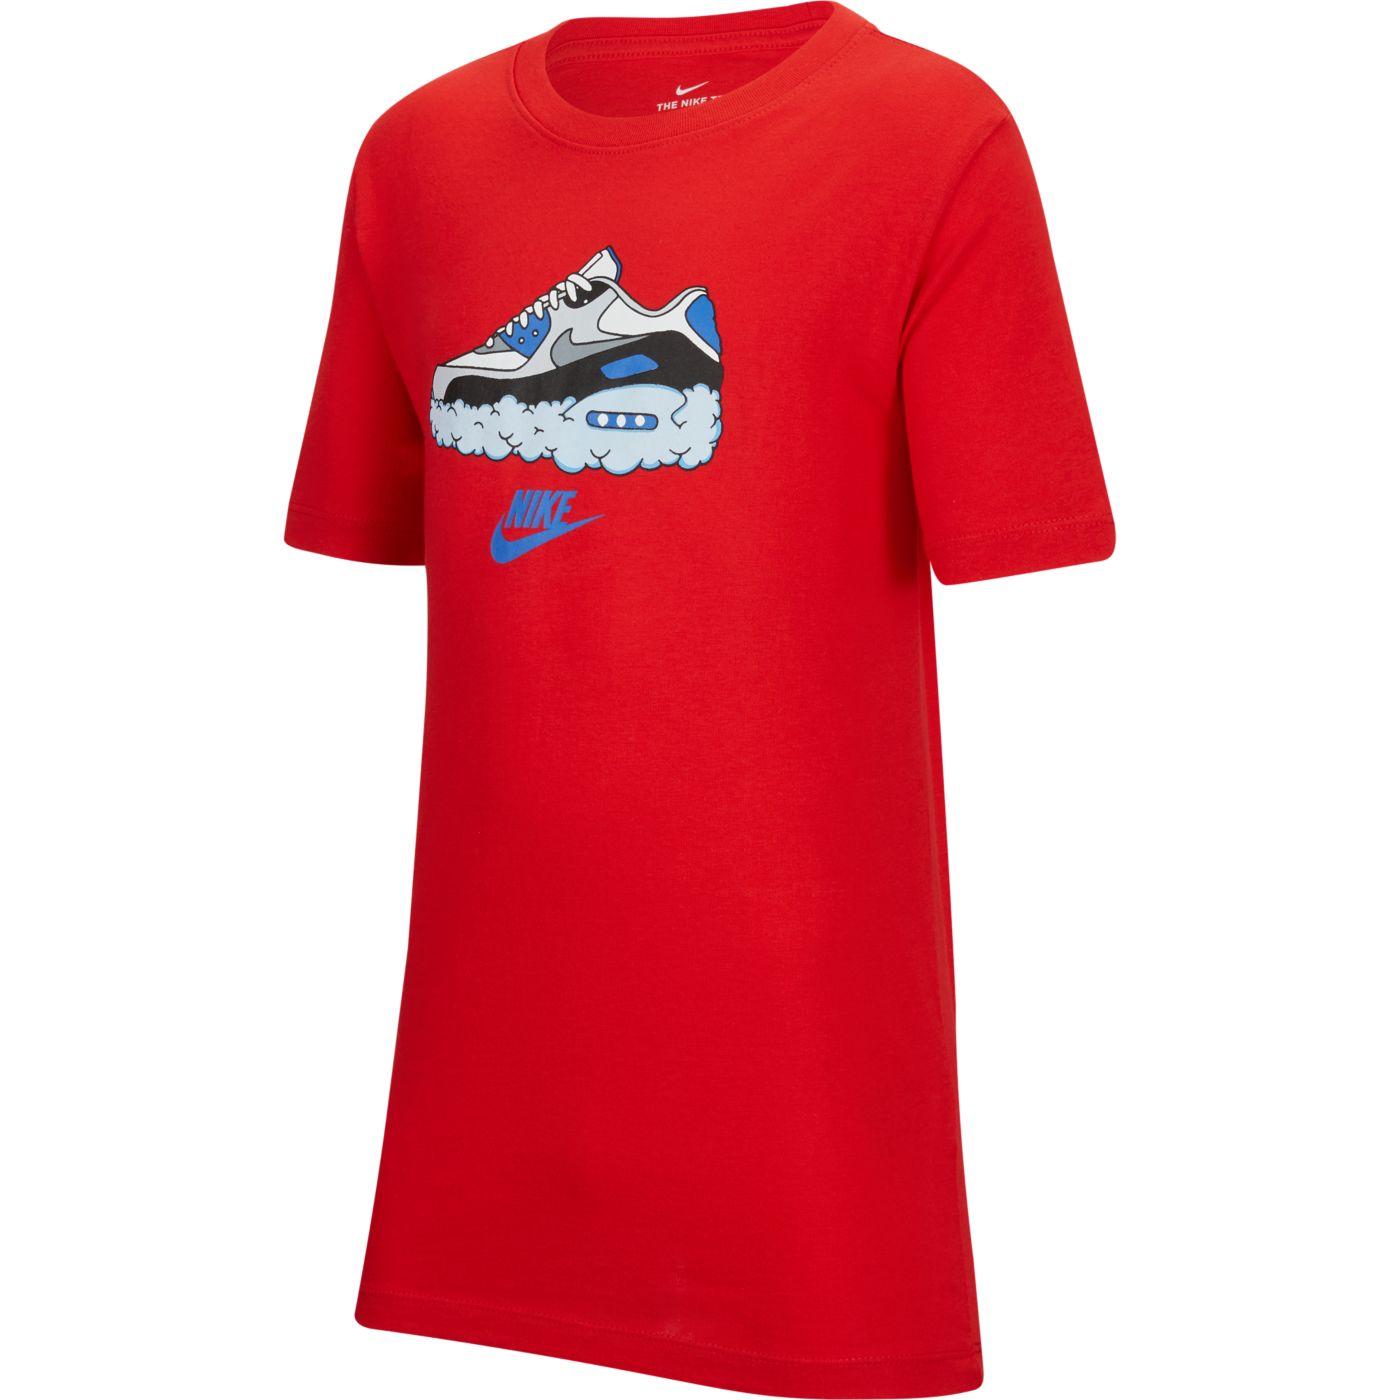 Nike Sportswear Boys' Air Max T-Shirt